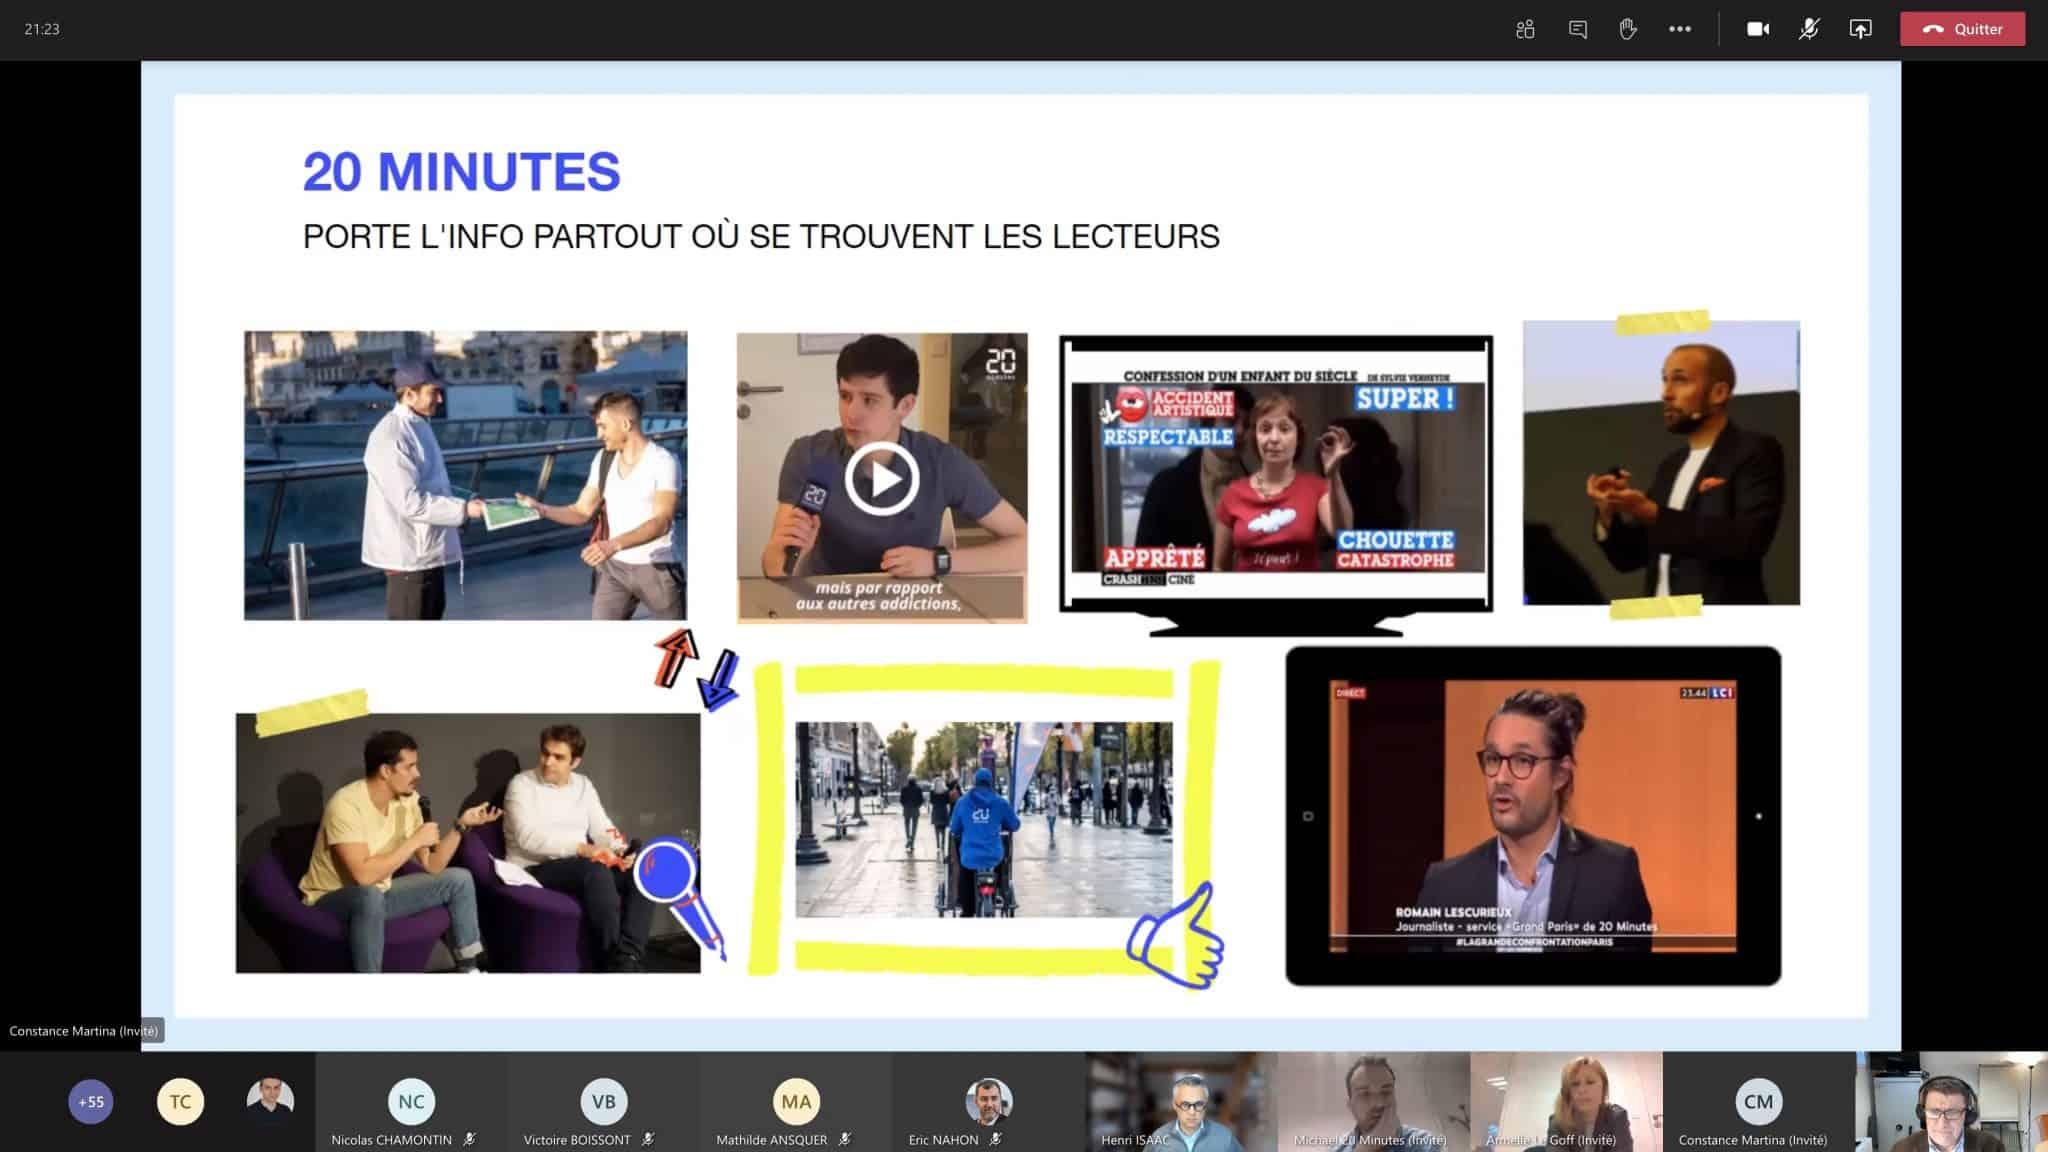 Le quotidien 20 Minutes confie deux sujets d'innovation éditoriale aux étudiants de Dauphine